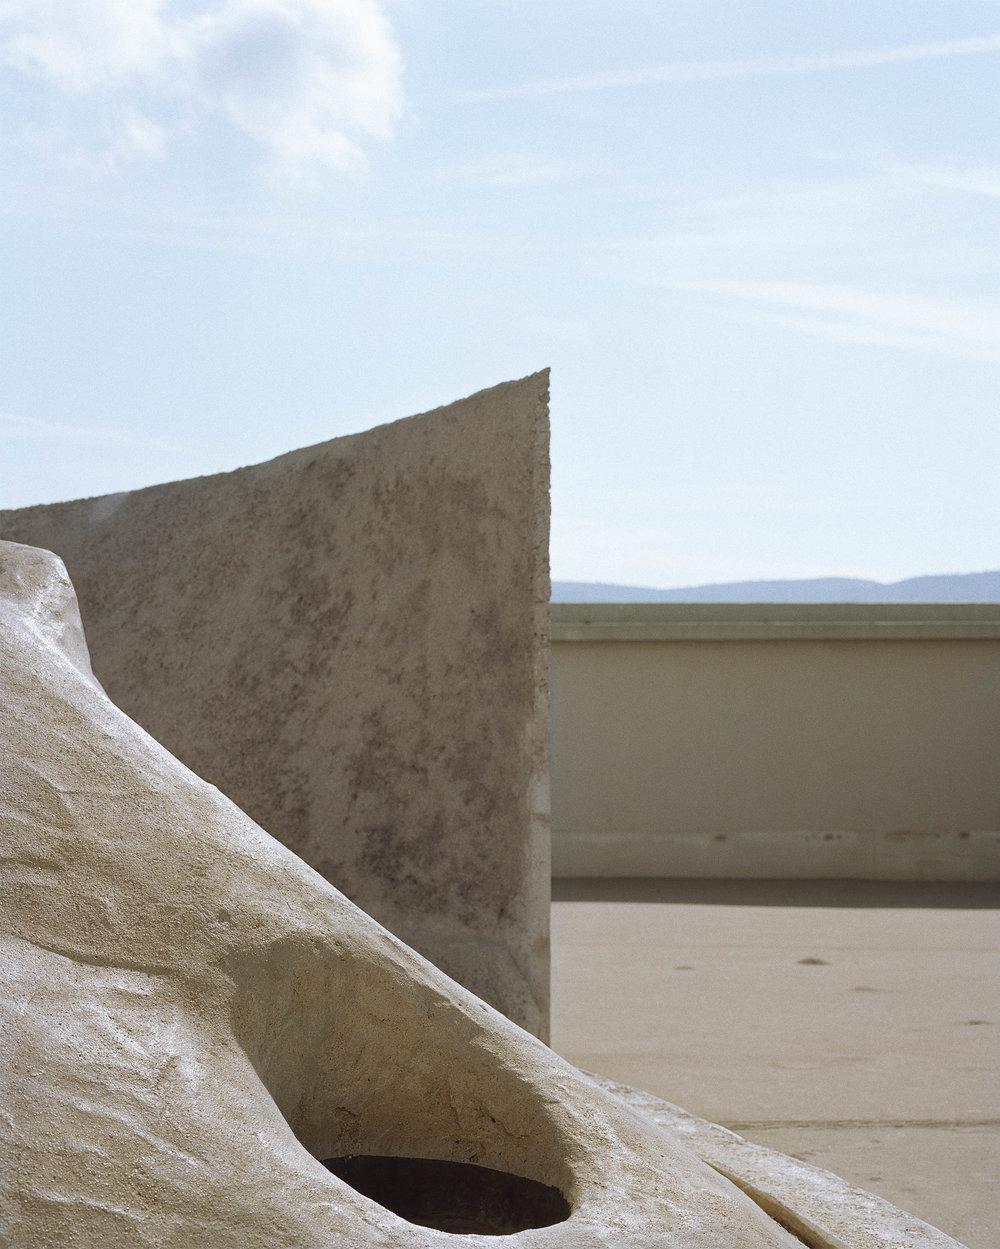 """Lorna Bauer,  Unité d'habitation #1 , Edition of 5 + 1 AP, 2018, pigment print, 50"""" x 40"""" (127 x 102 cm)"""